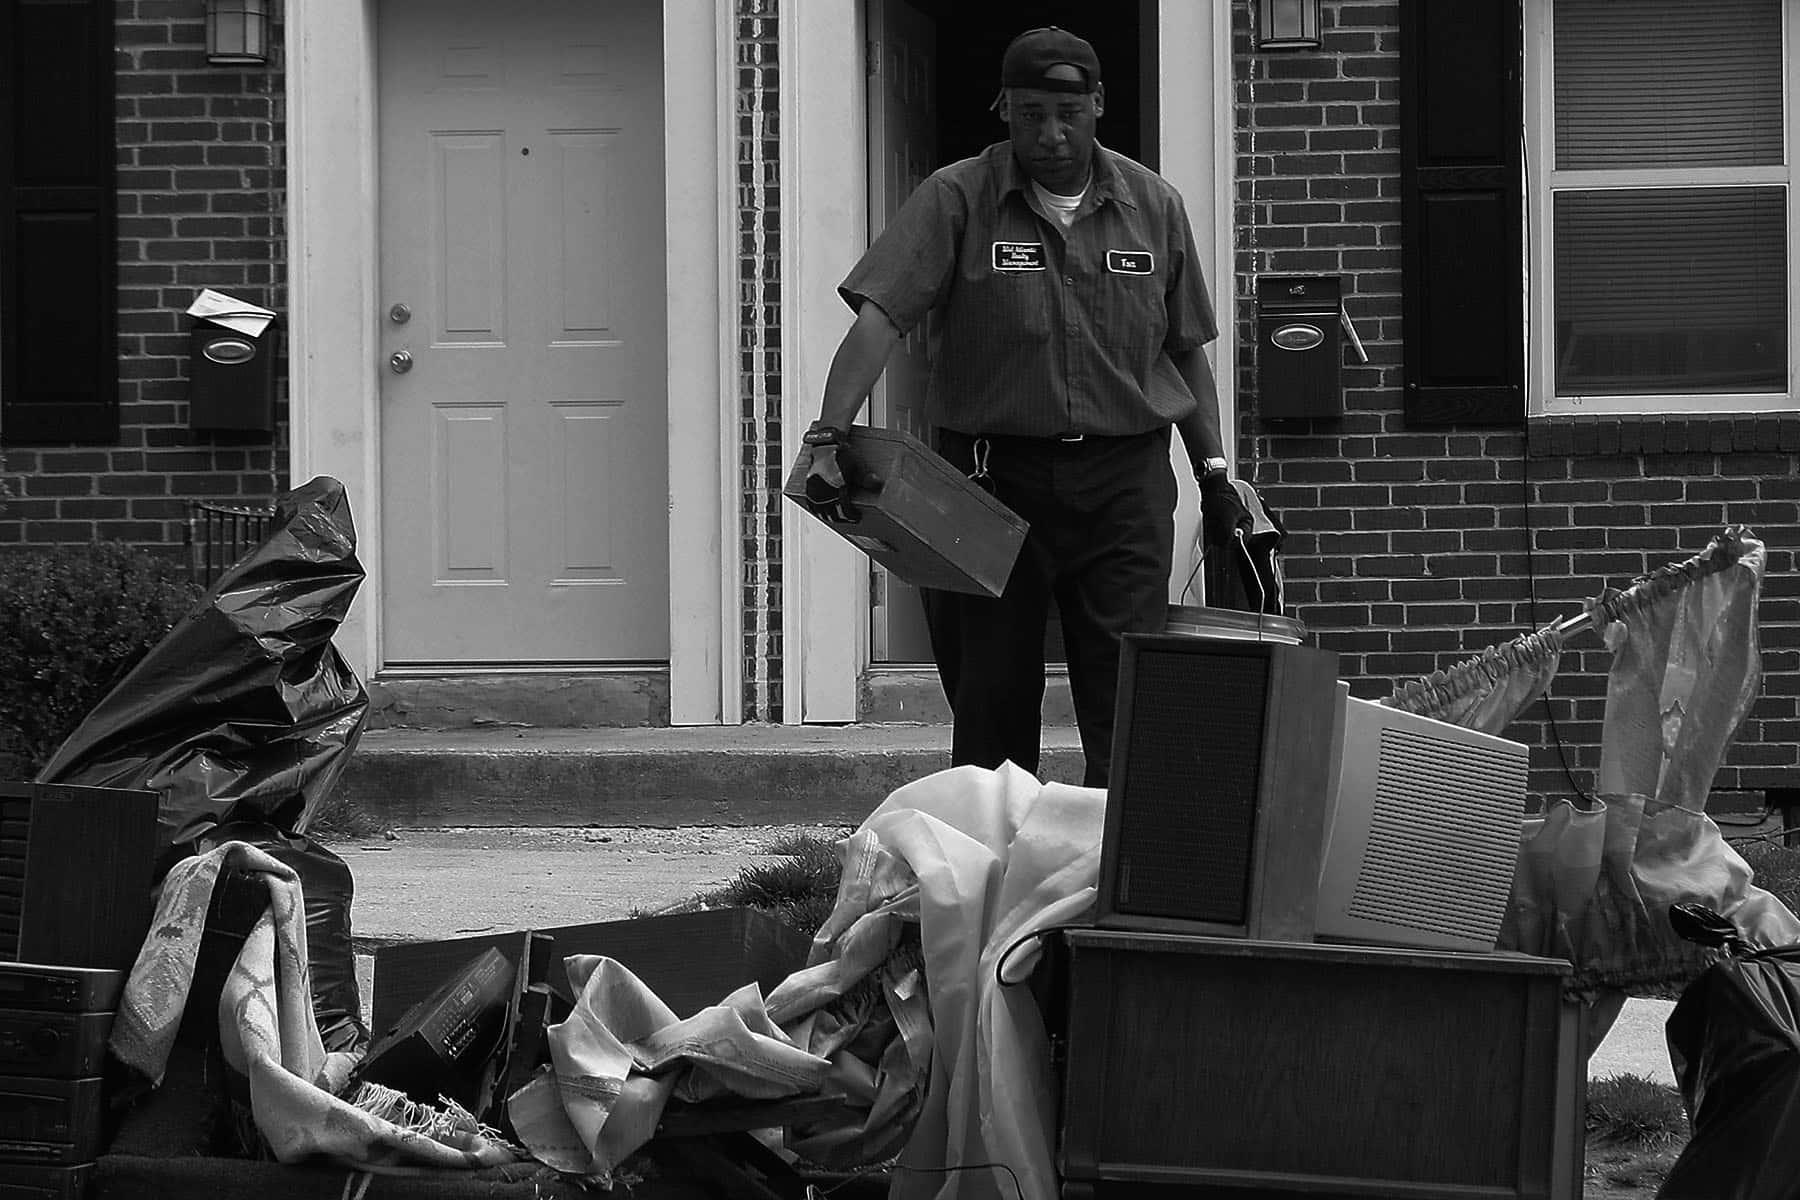 051619_evictedexhibit_09